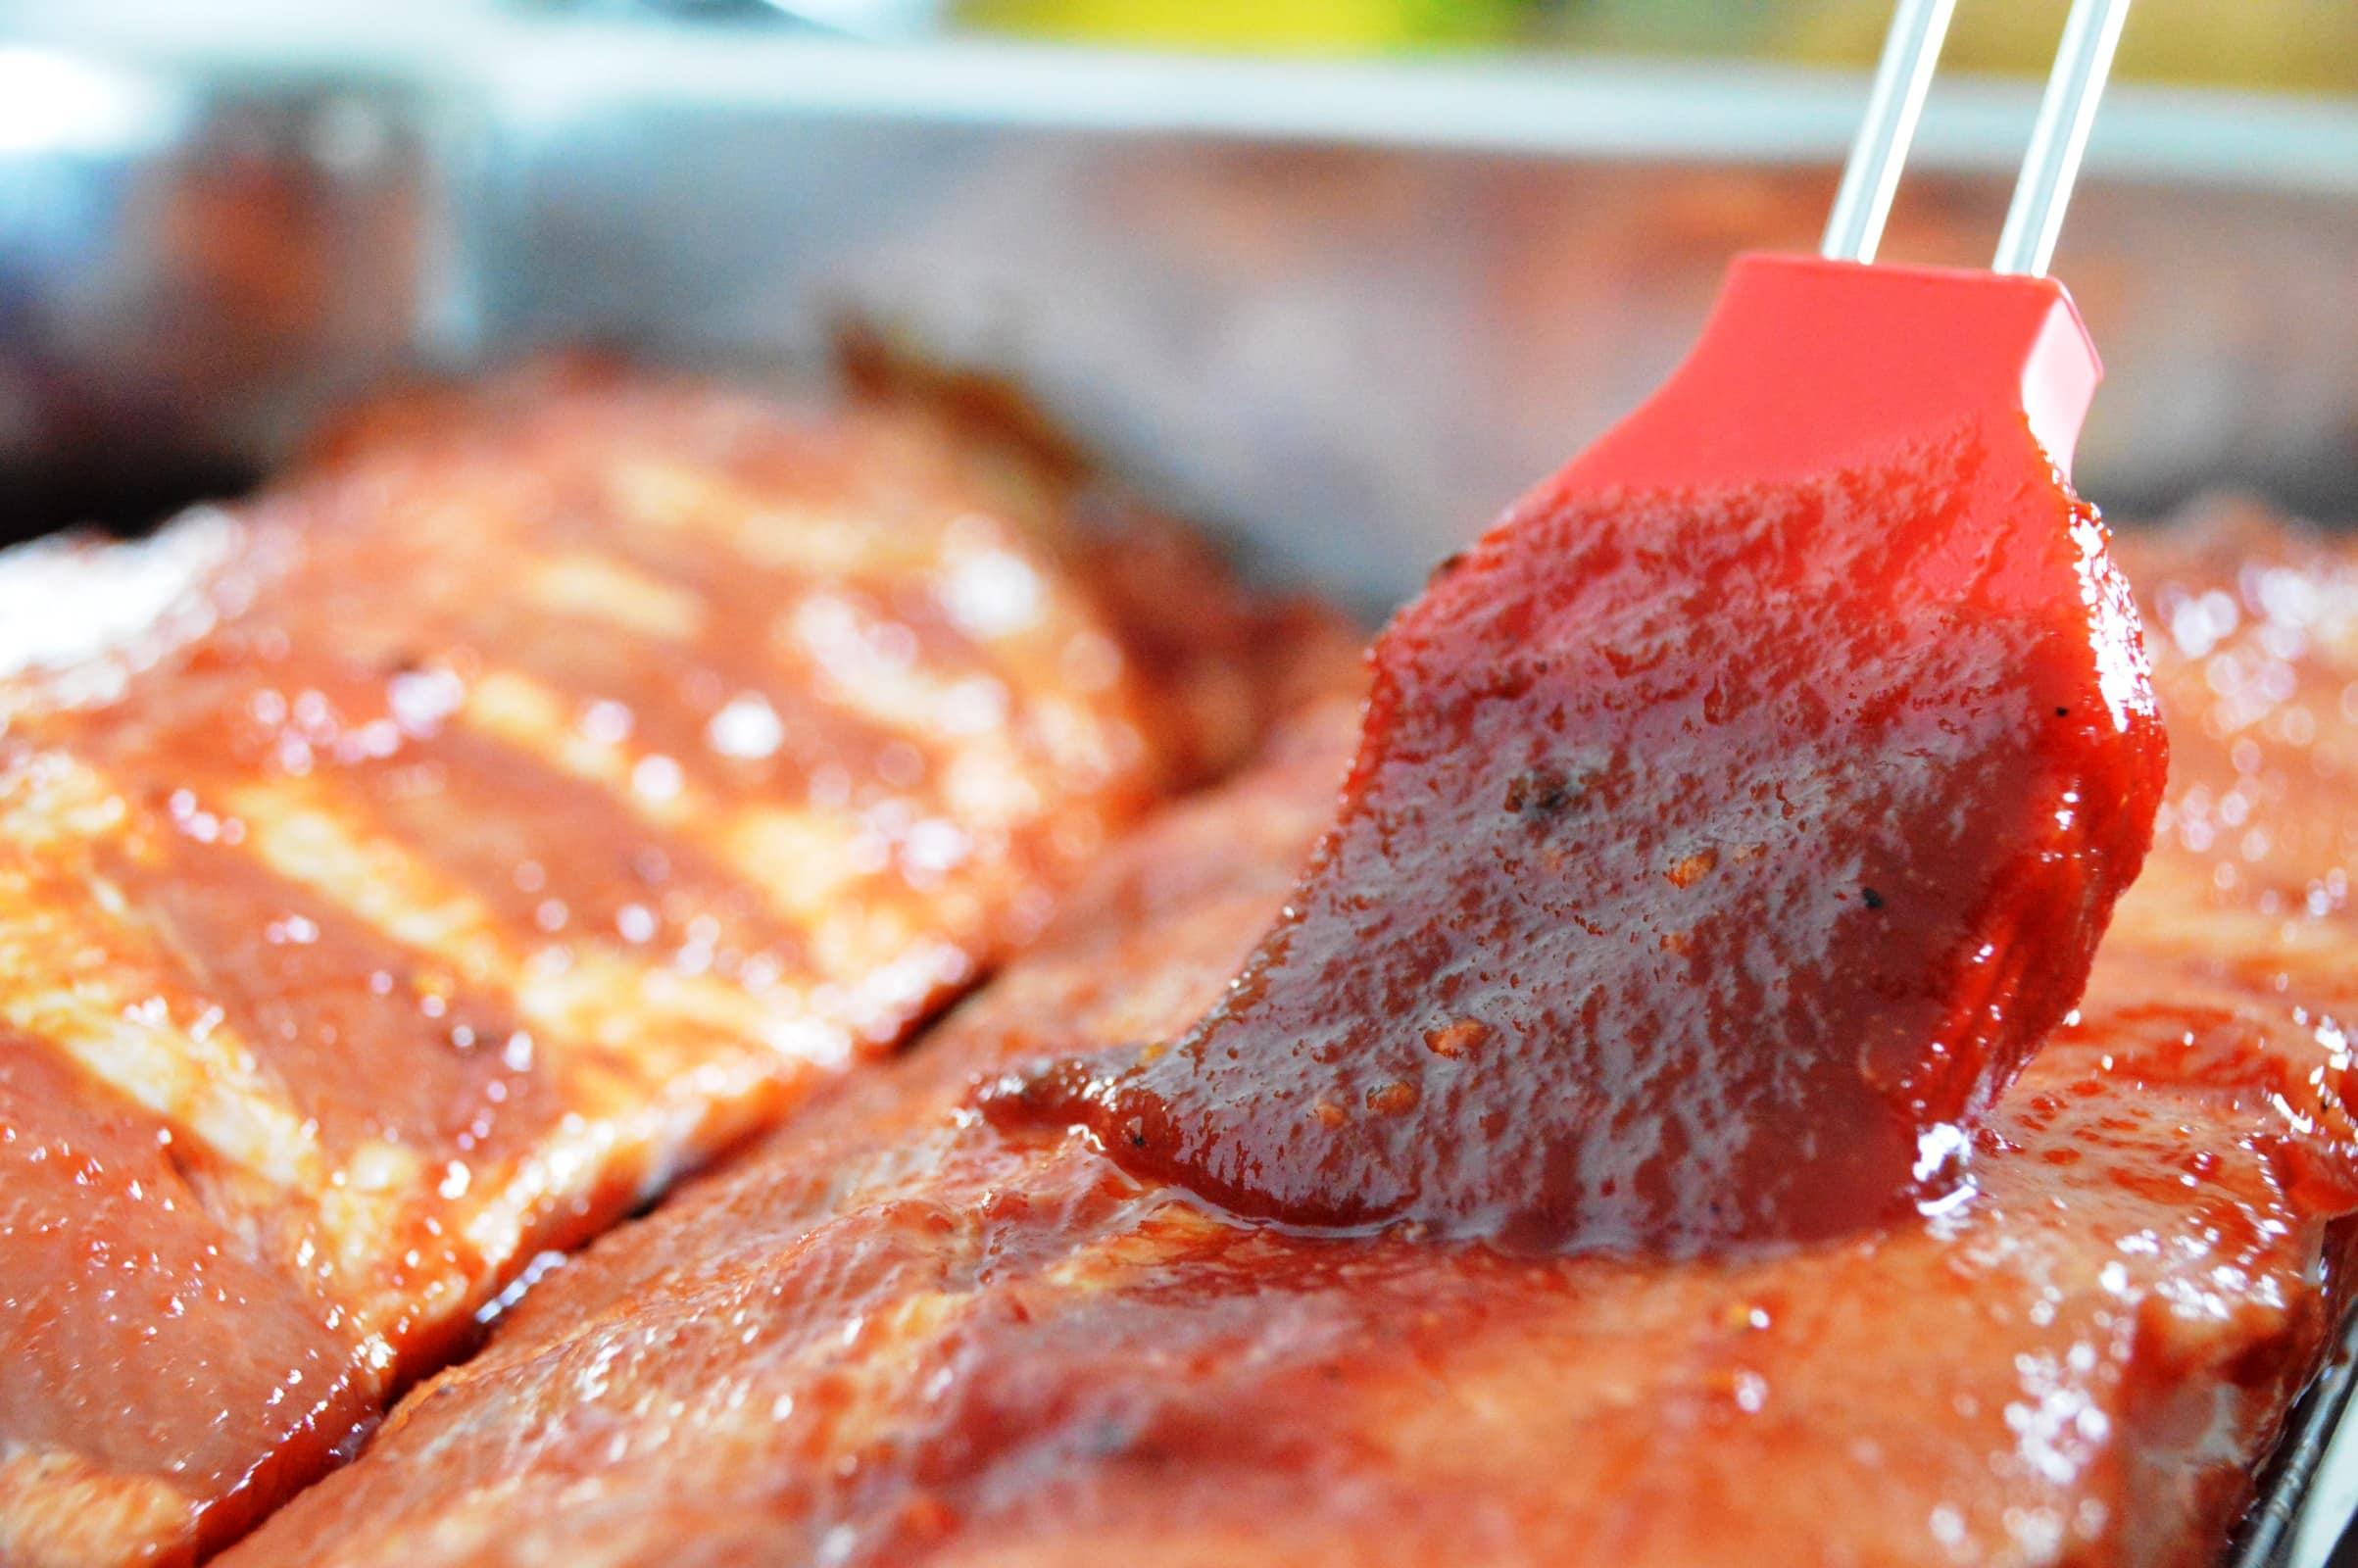 Spareribs Backofen Und Gasgrill : Rezept für marinade und zarte spareribs im backofen